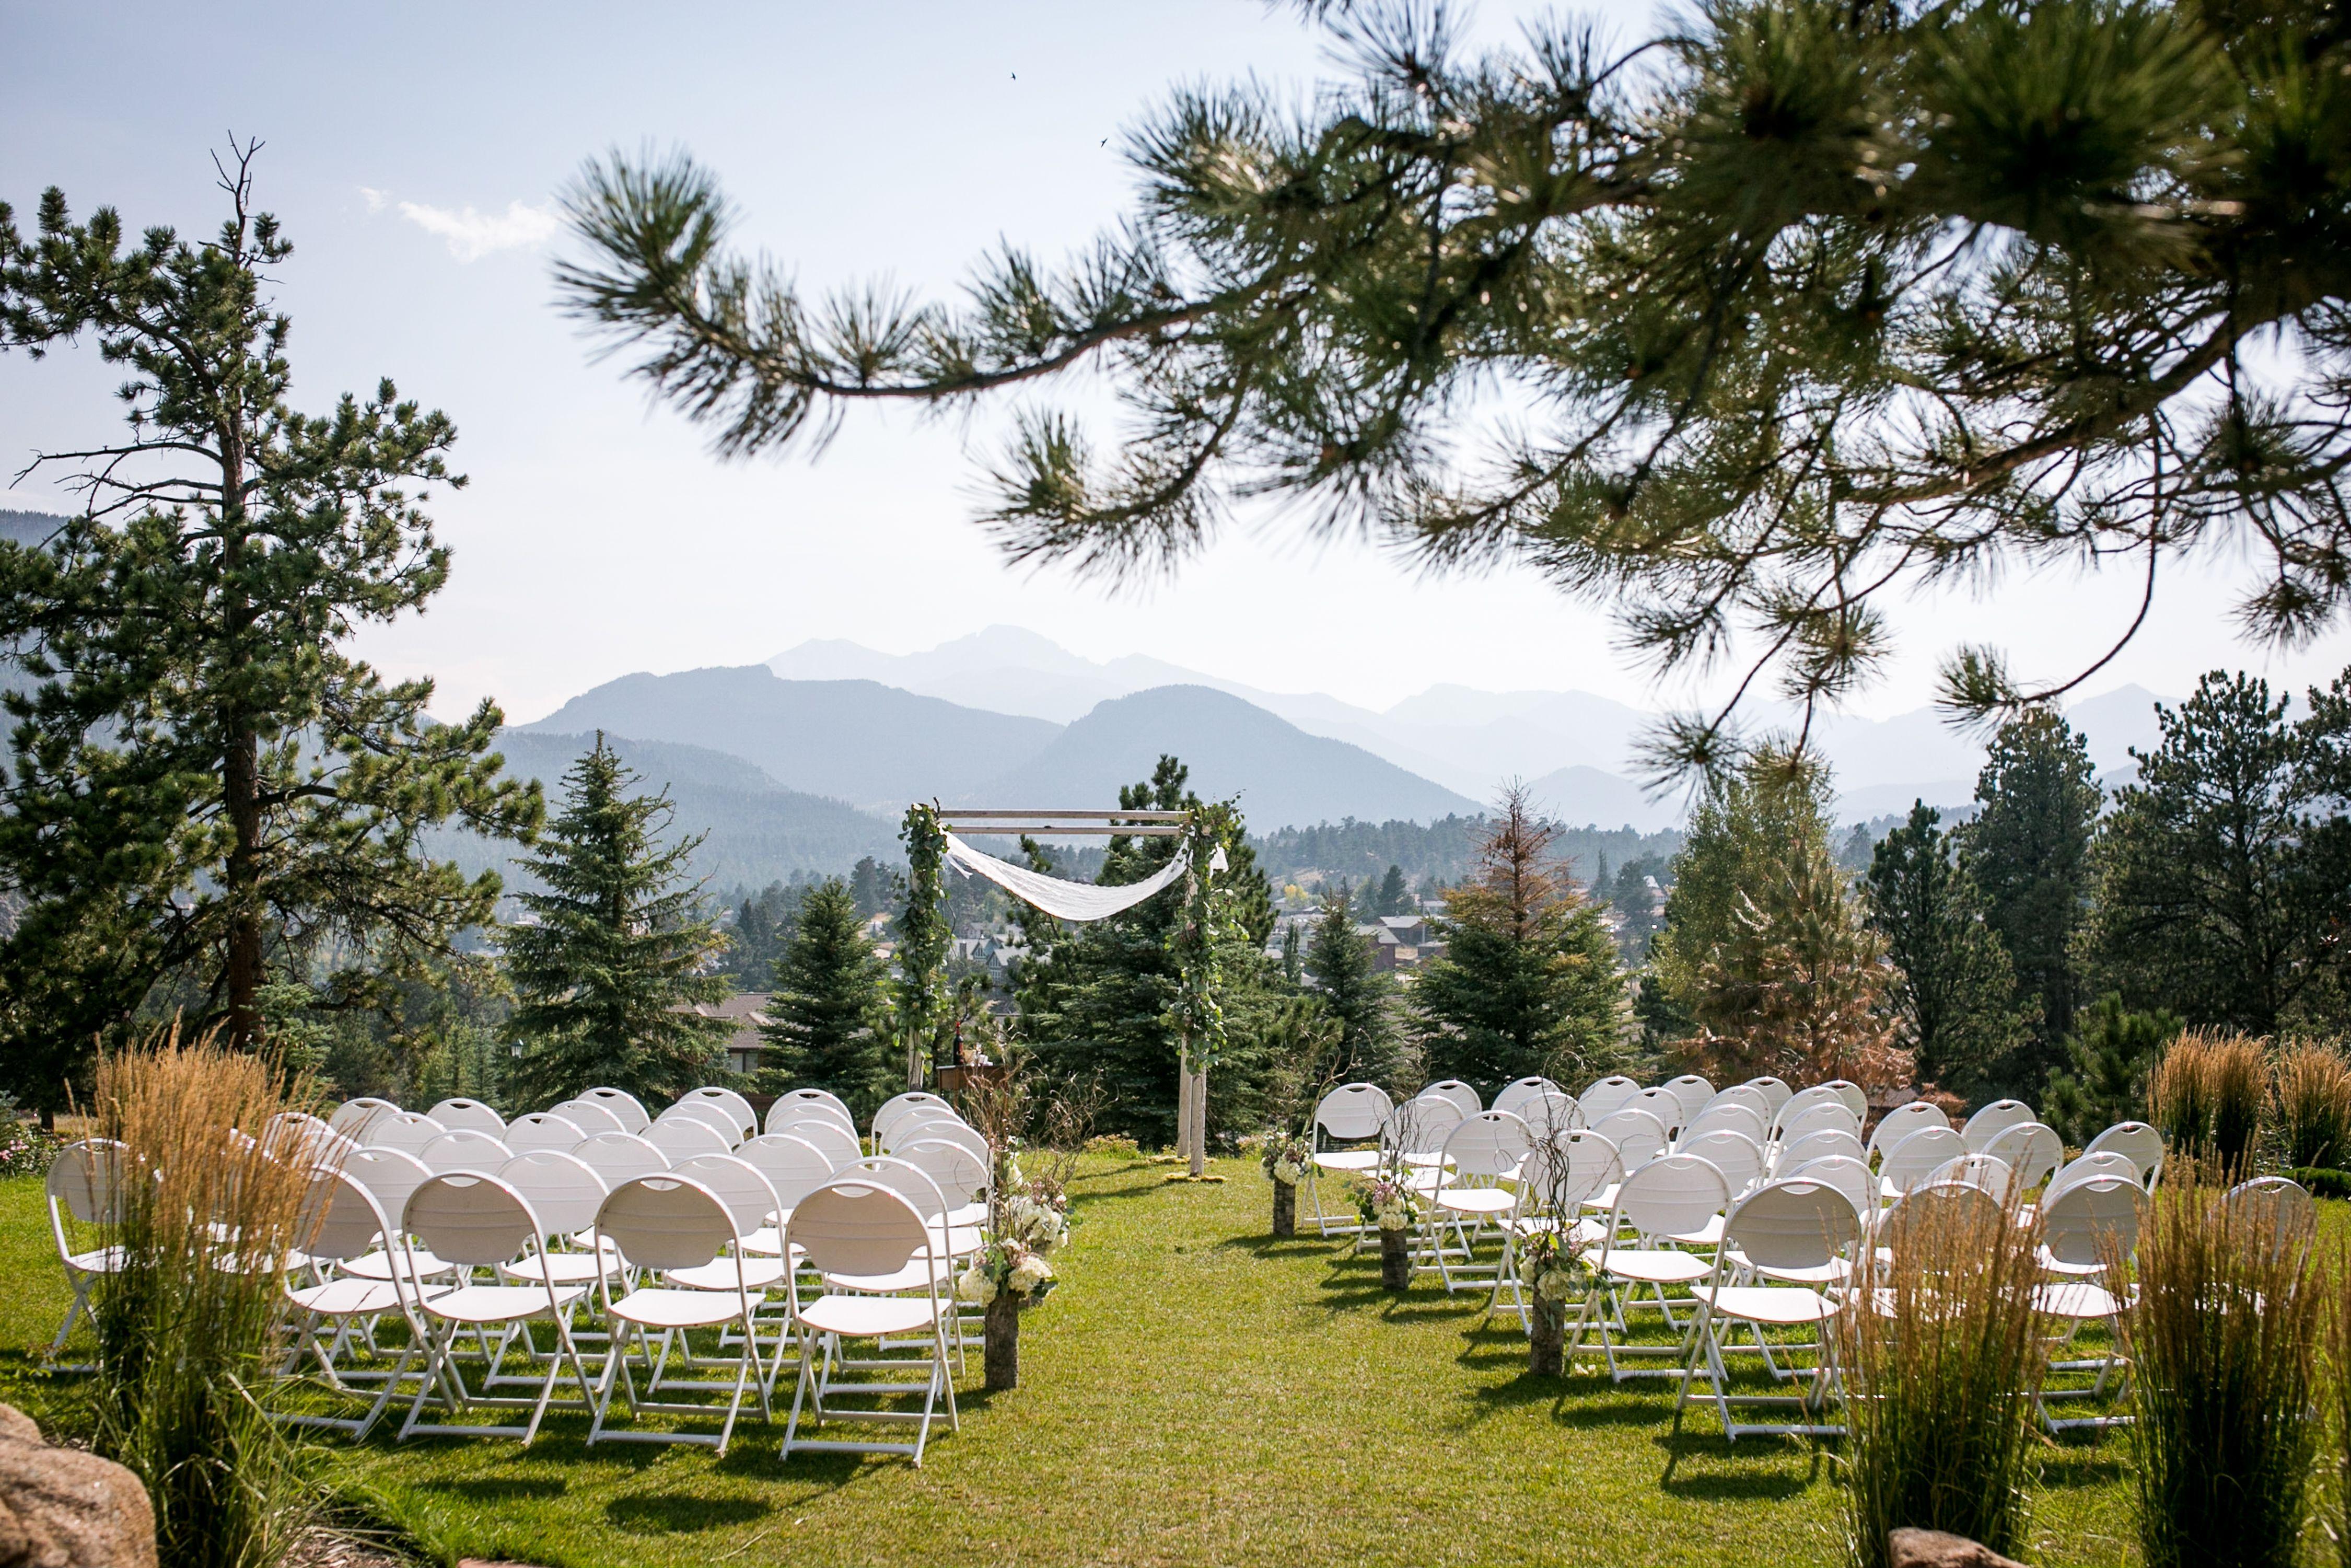 Longs Peak Lawn at The Stanley Hotel Outdoor wedding venues